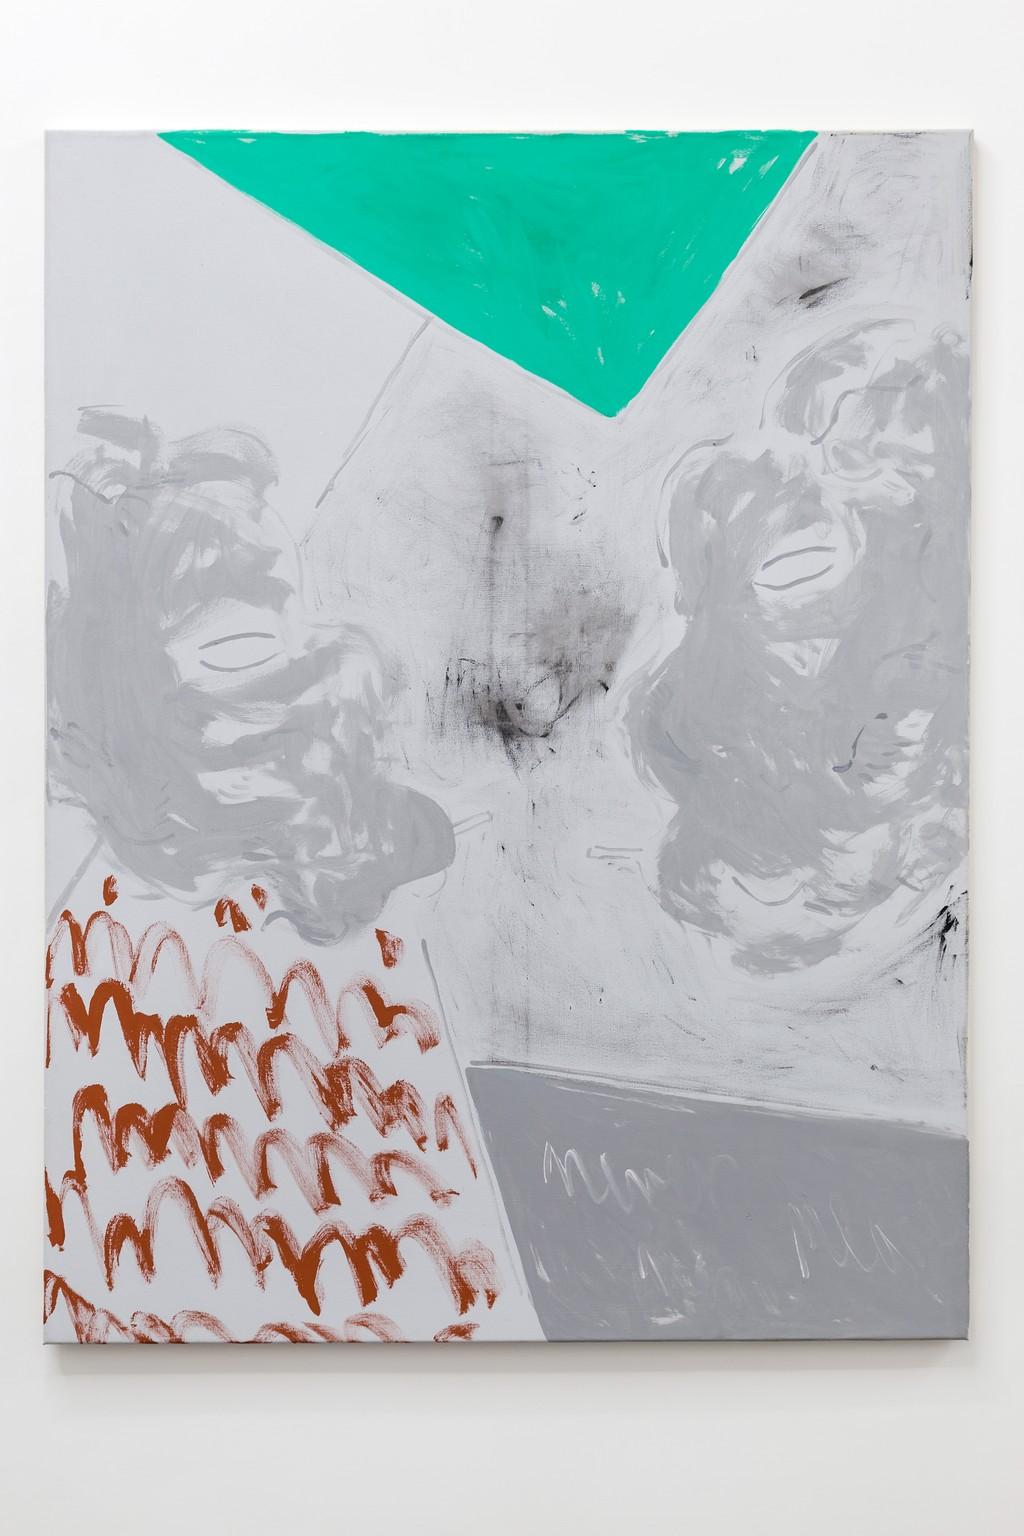 gouache on canvas 130 x 100 cm 2016